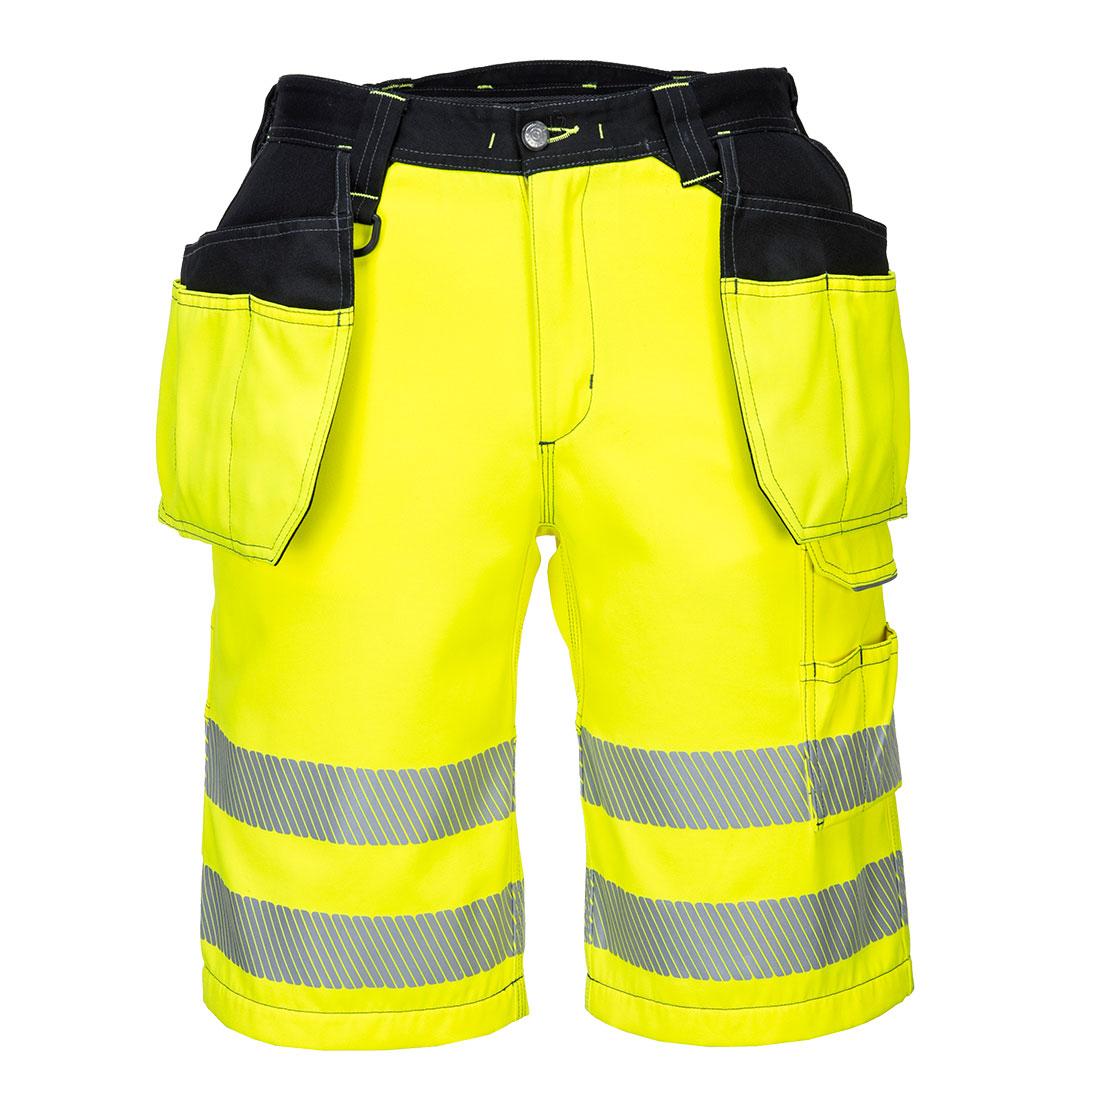 PW3 Hi-Vis Holster Shorts